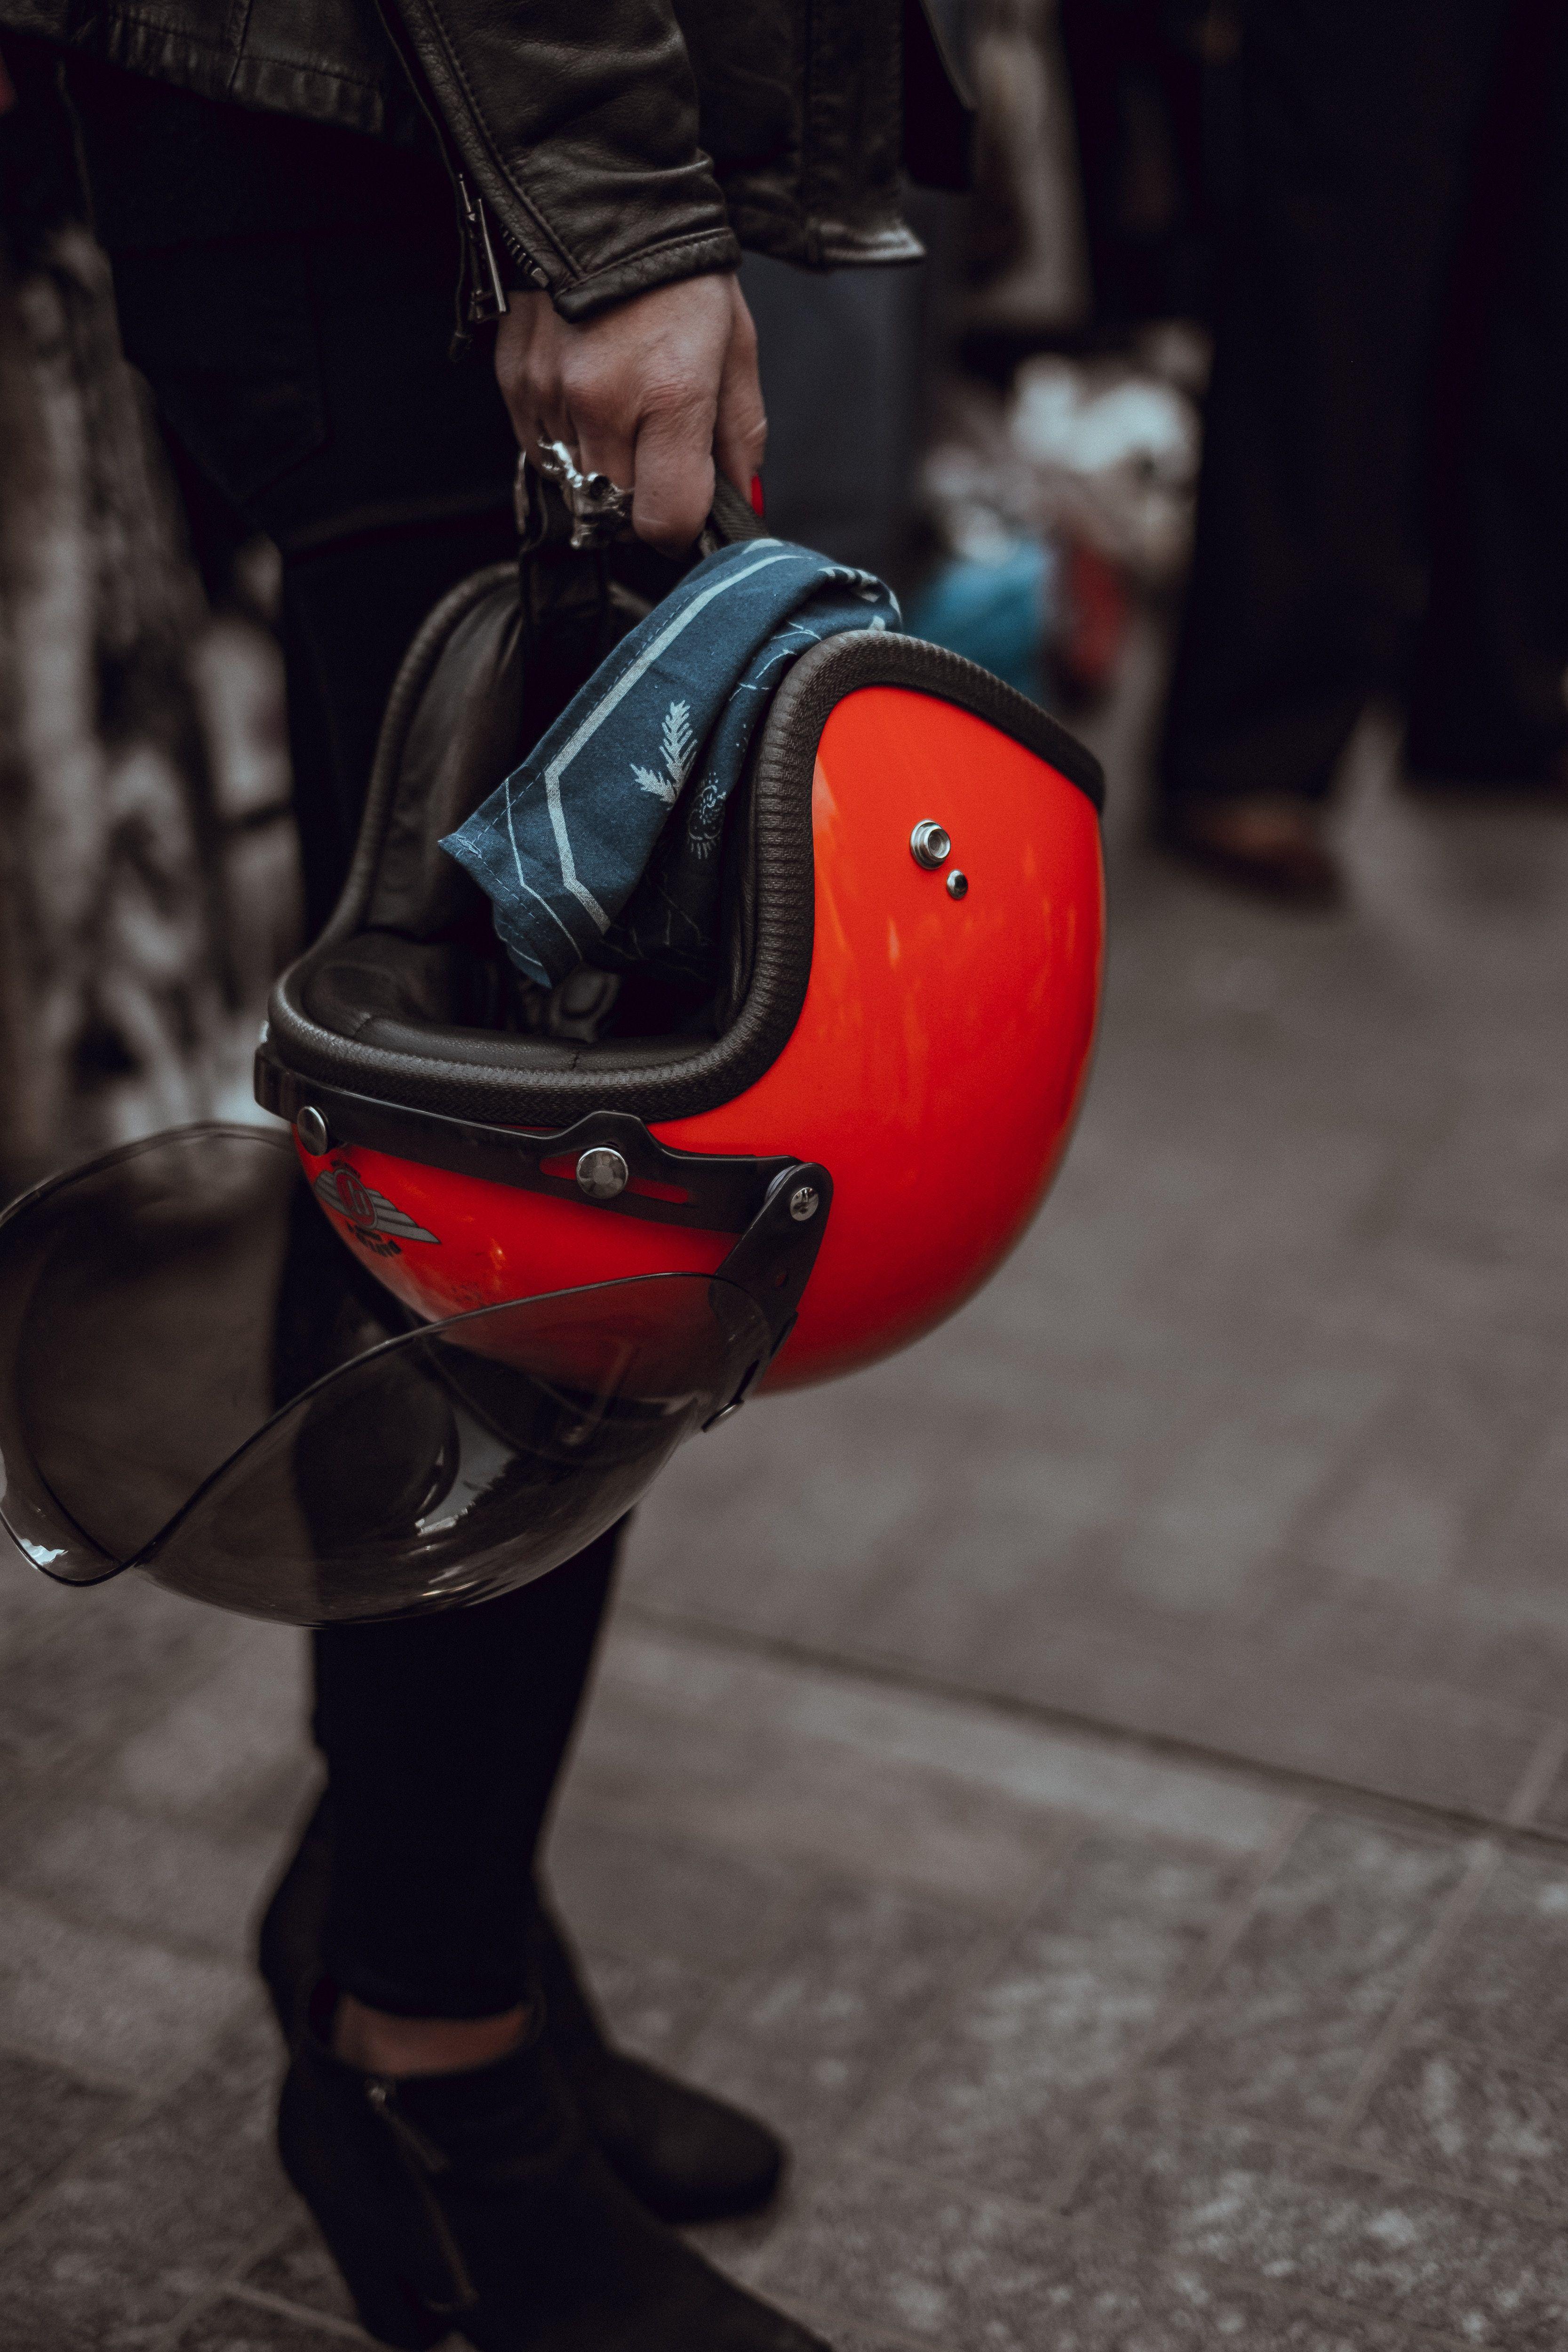 Motor Cycle Helmet Repeal Stalls